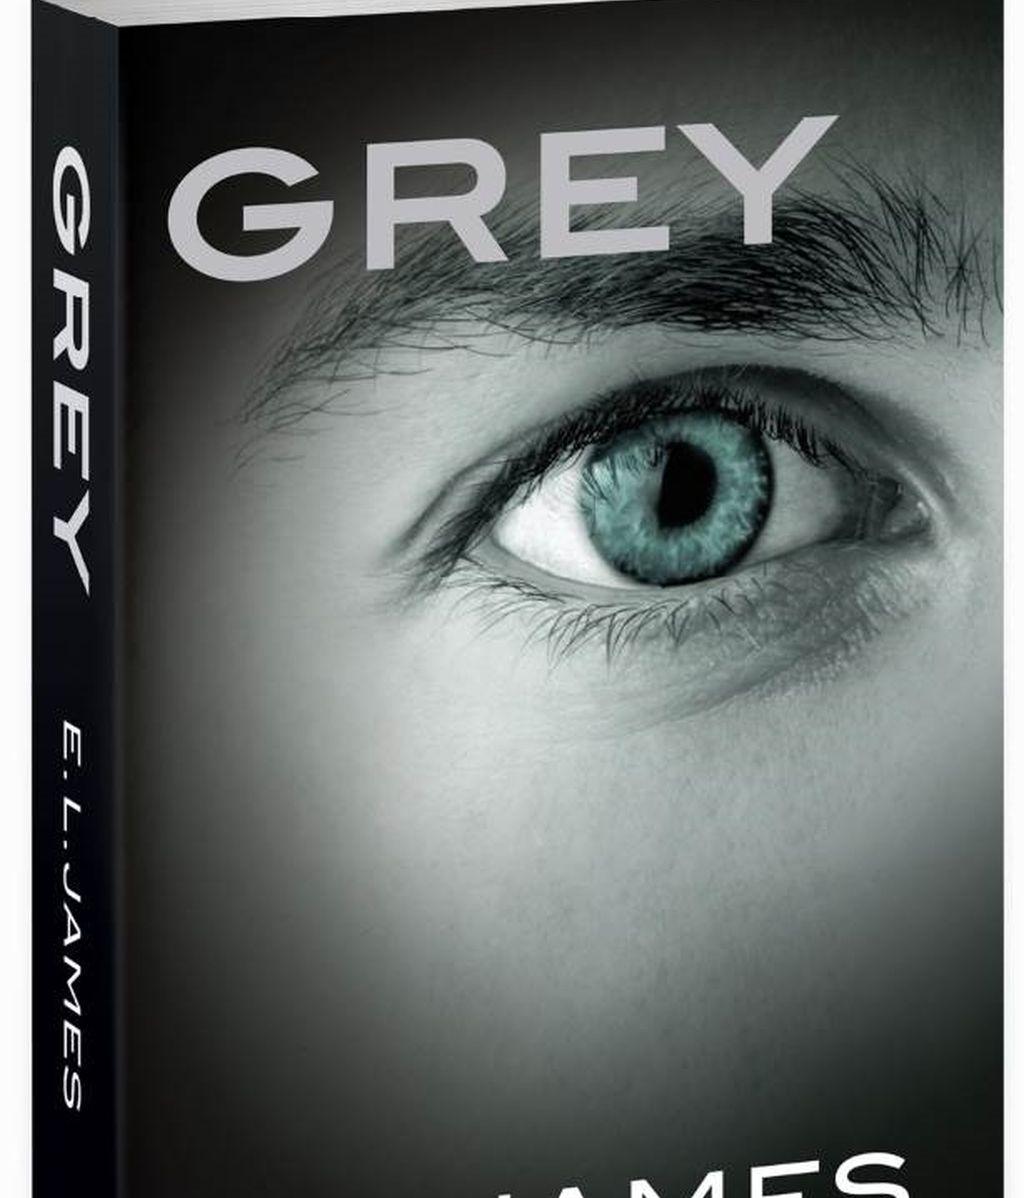 39 grey 39 el nuevo libro de la saga de 39 50 sombras 39 aterriza - 50 sombras de grey spain ...